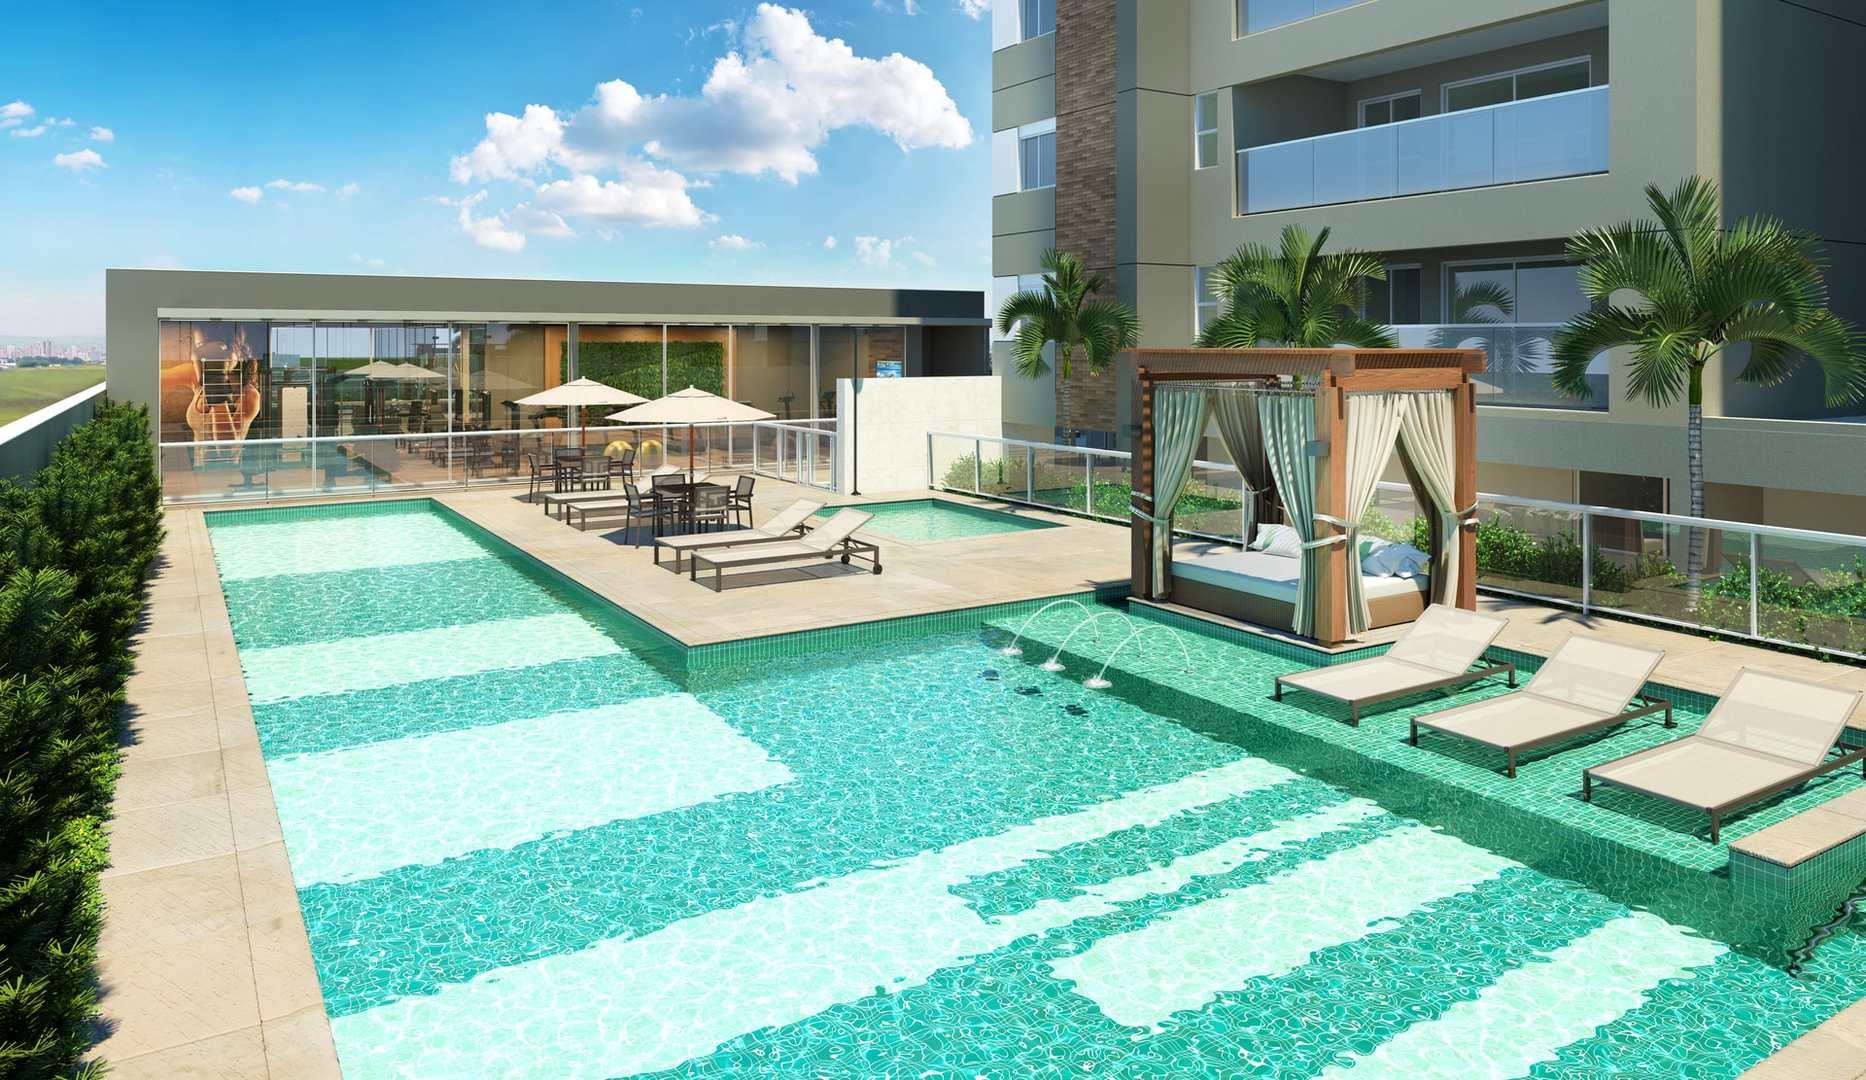 12-piscina-com-deck-solarium-uber-miro-apartamento-ribeirao-preto